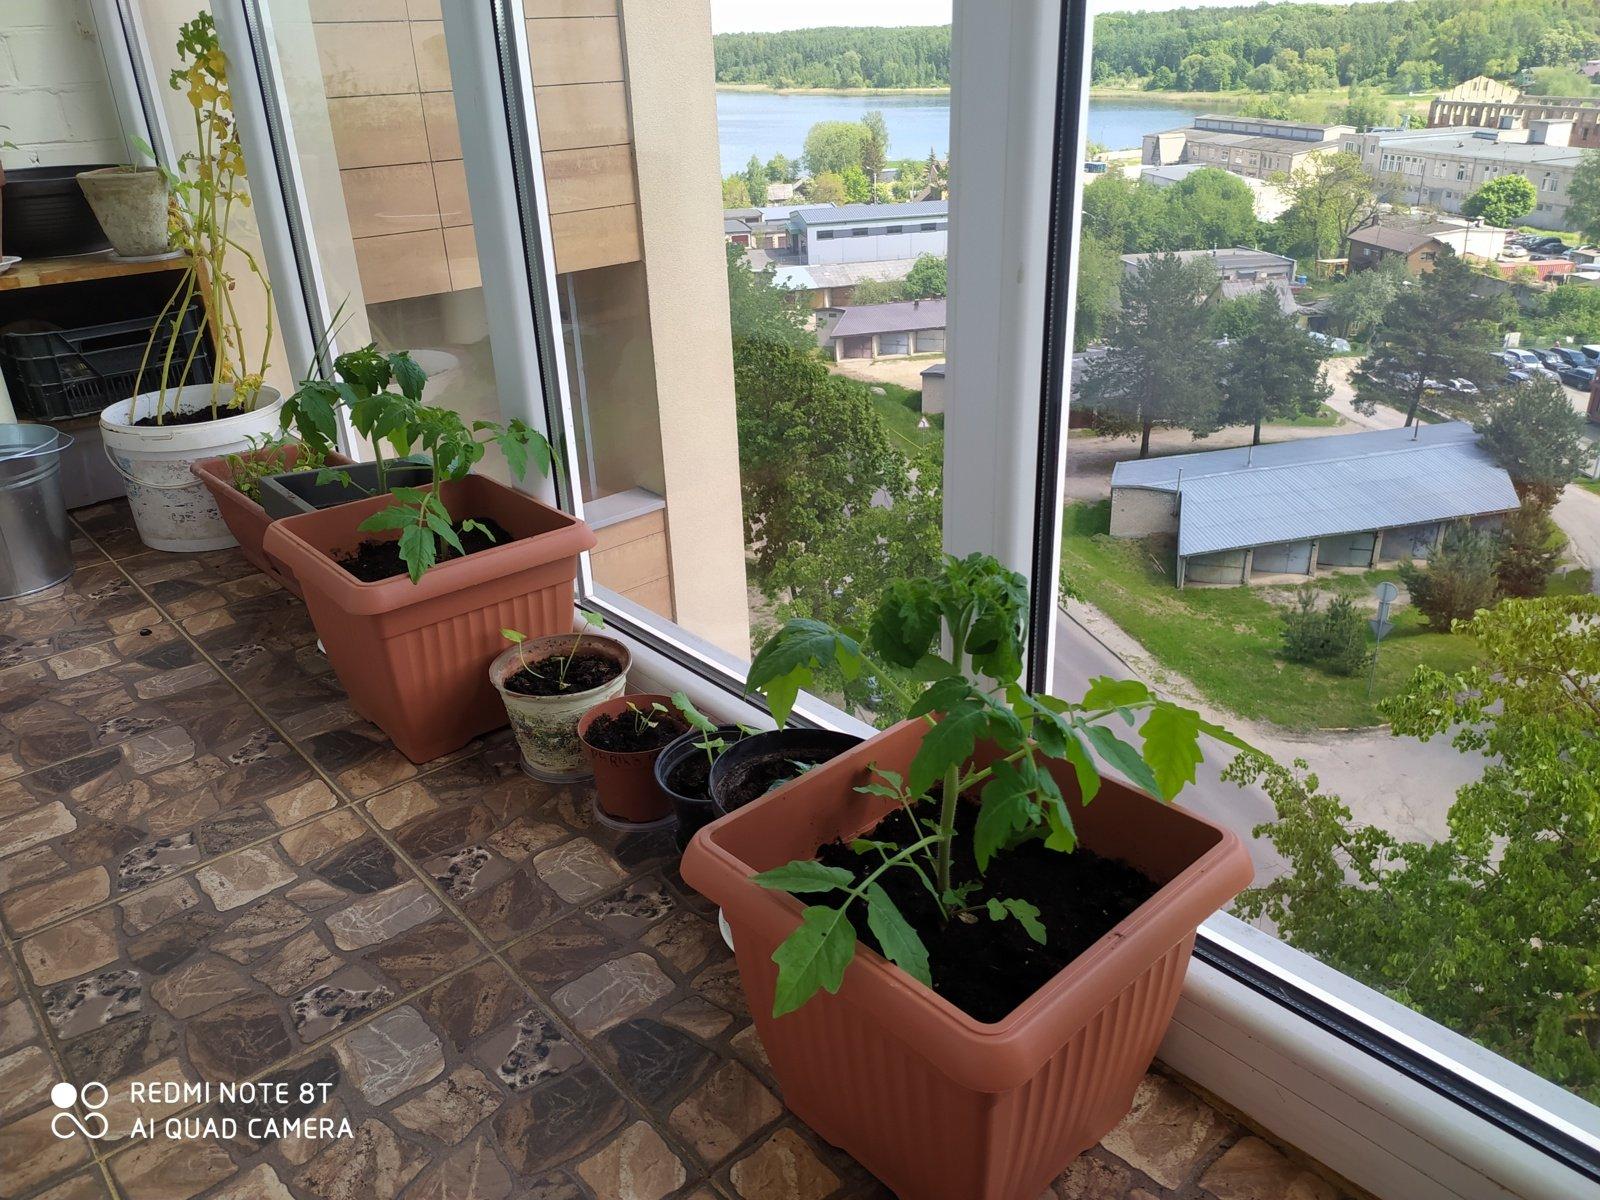 Ponai ir ponios, jau kvepia cepelinais Gerovės balkonas (10)